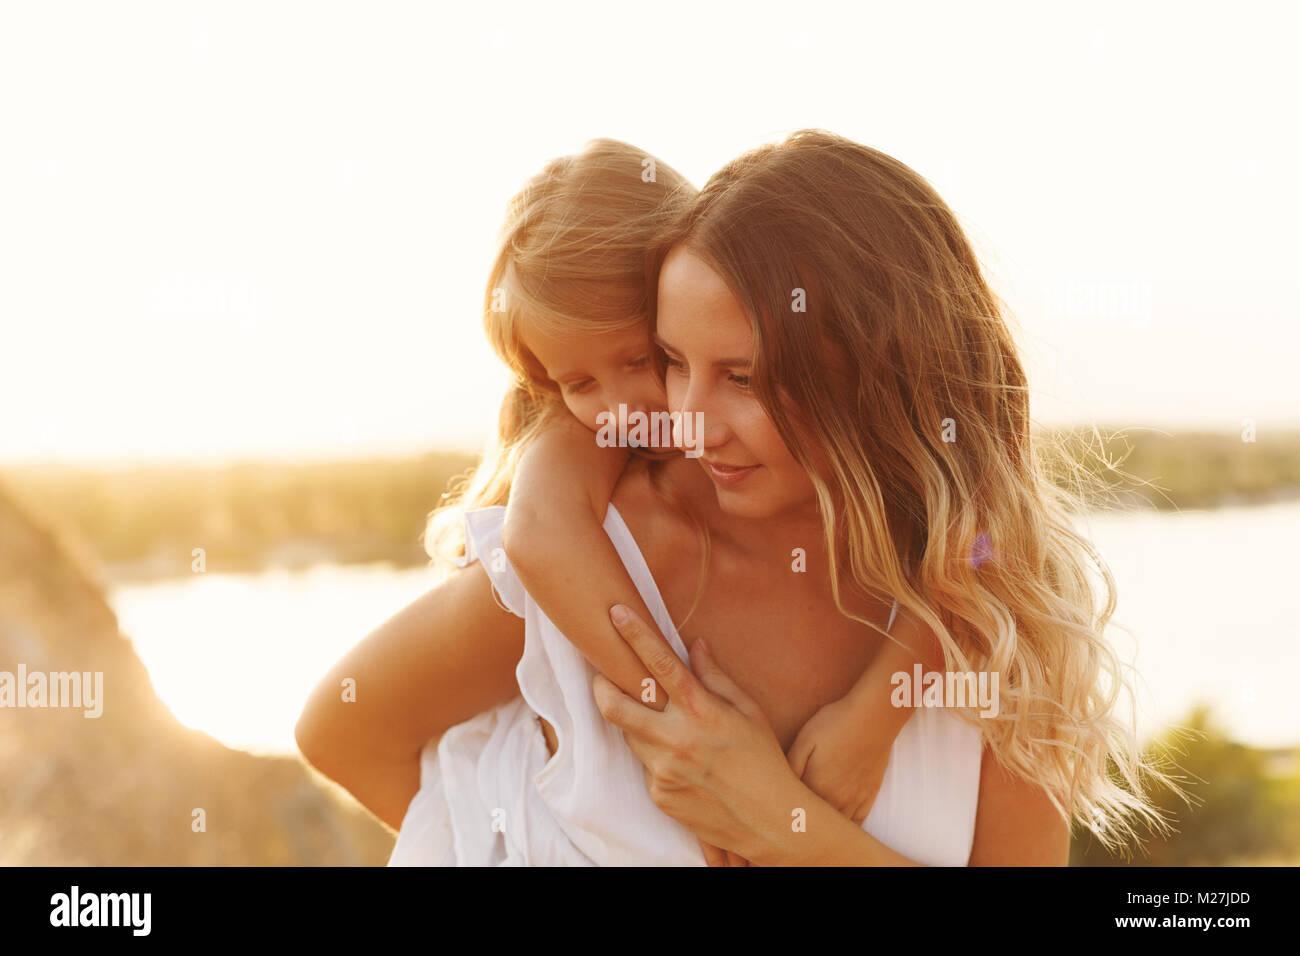 La familia, la madre y la hija en el banco del río. Una niña lleva a su hija sobre sus hombros piggyback. Imagen De Stock